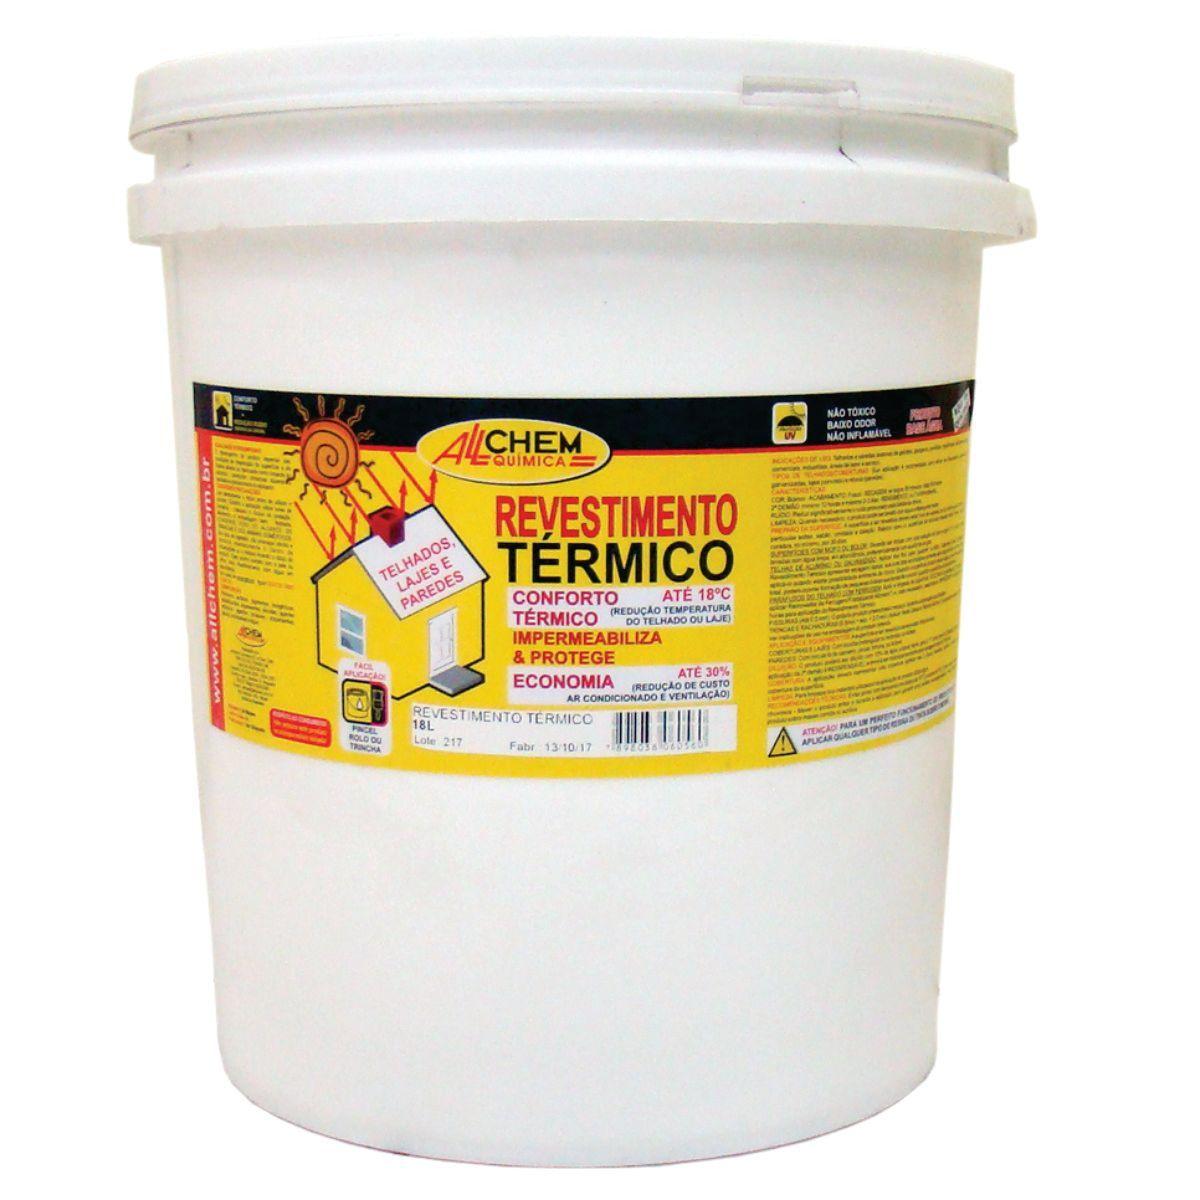 revestimento-termico-allchem